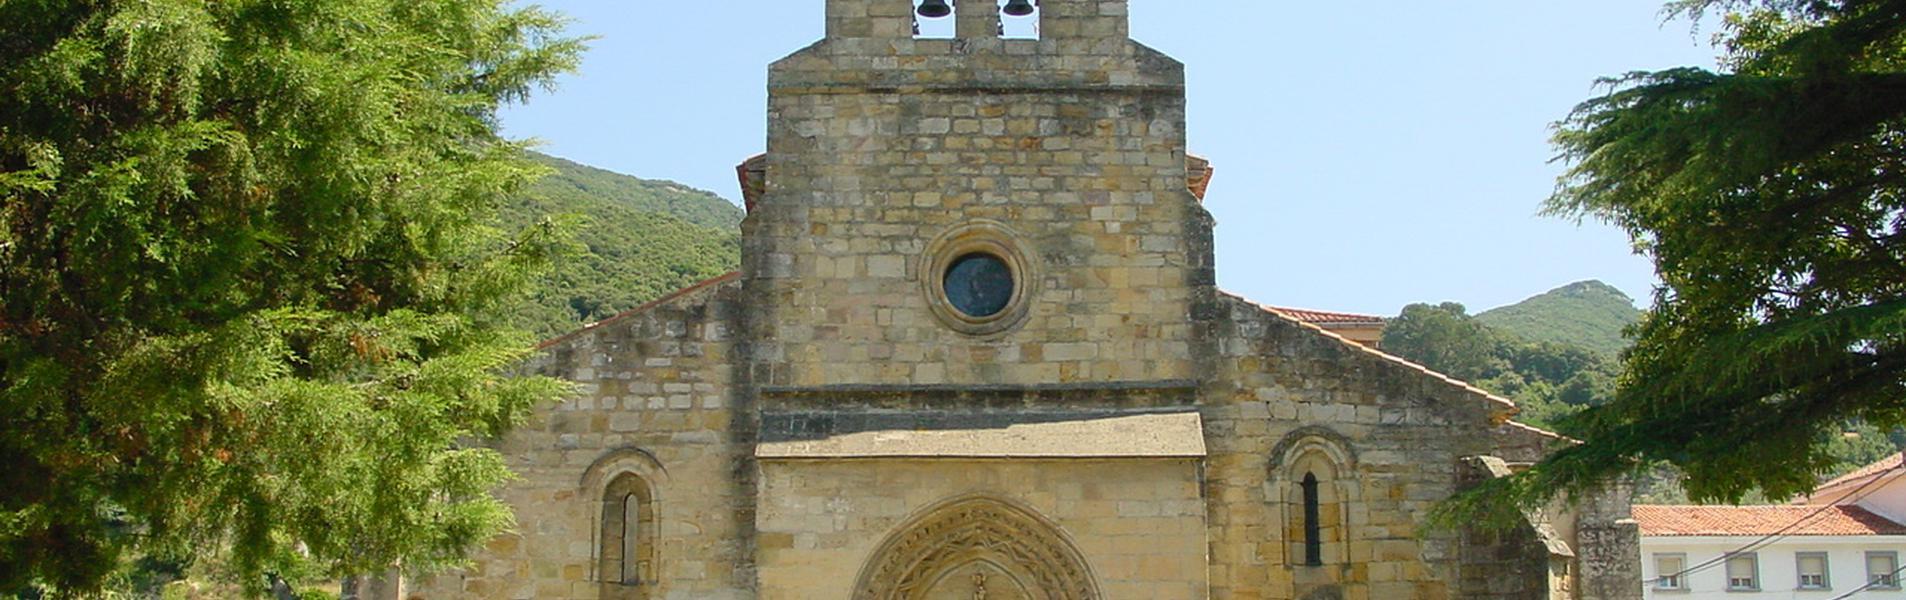 Monasterio de Santa María del Puerto